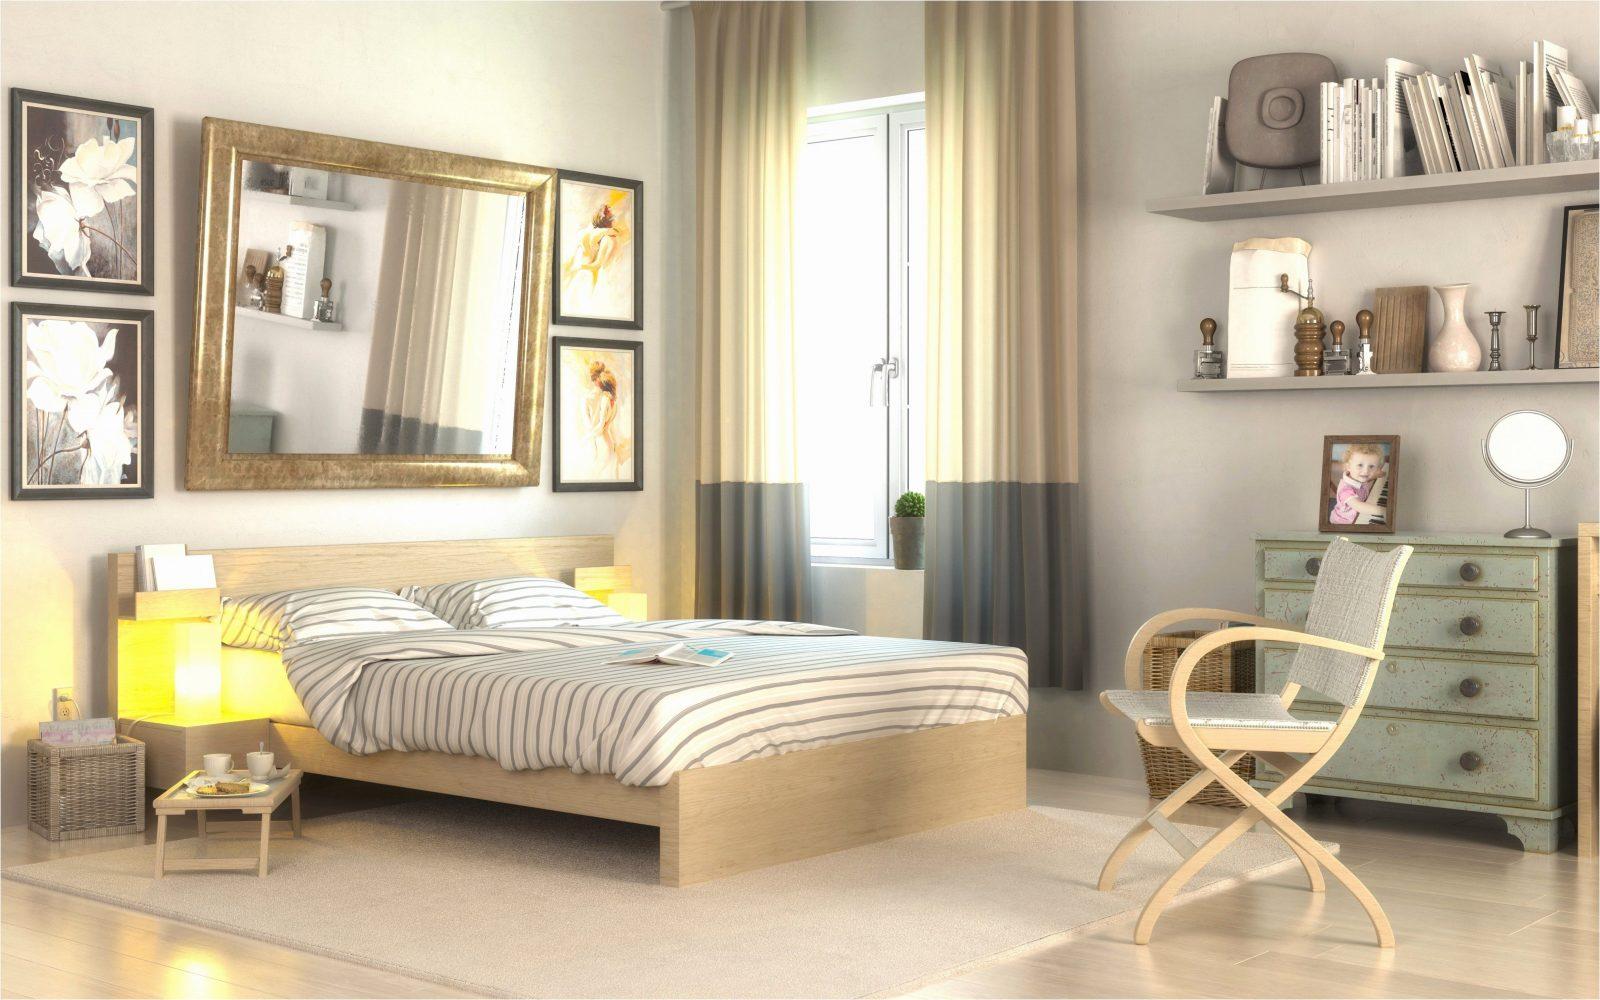 Kleines Schlafzimmer Einrichten Ideen  Zuhause Inspiration Design von Kleine Schlafzimmer Schön Einrichten Photo